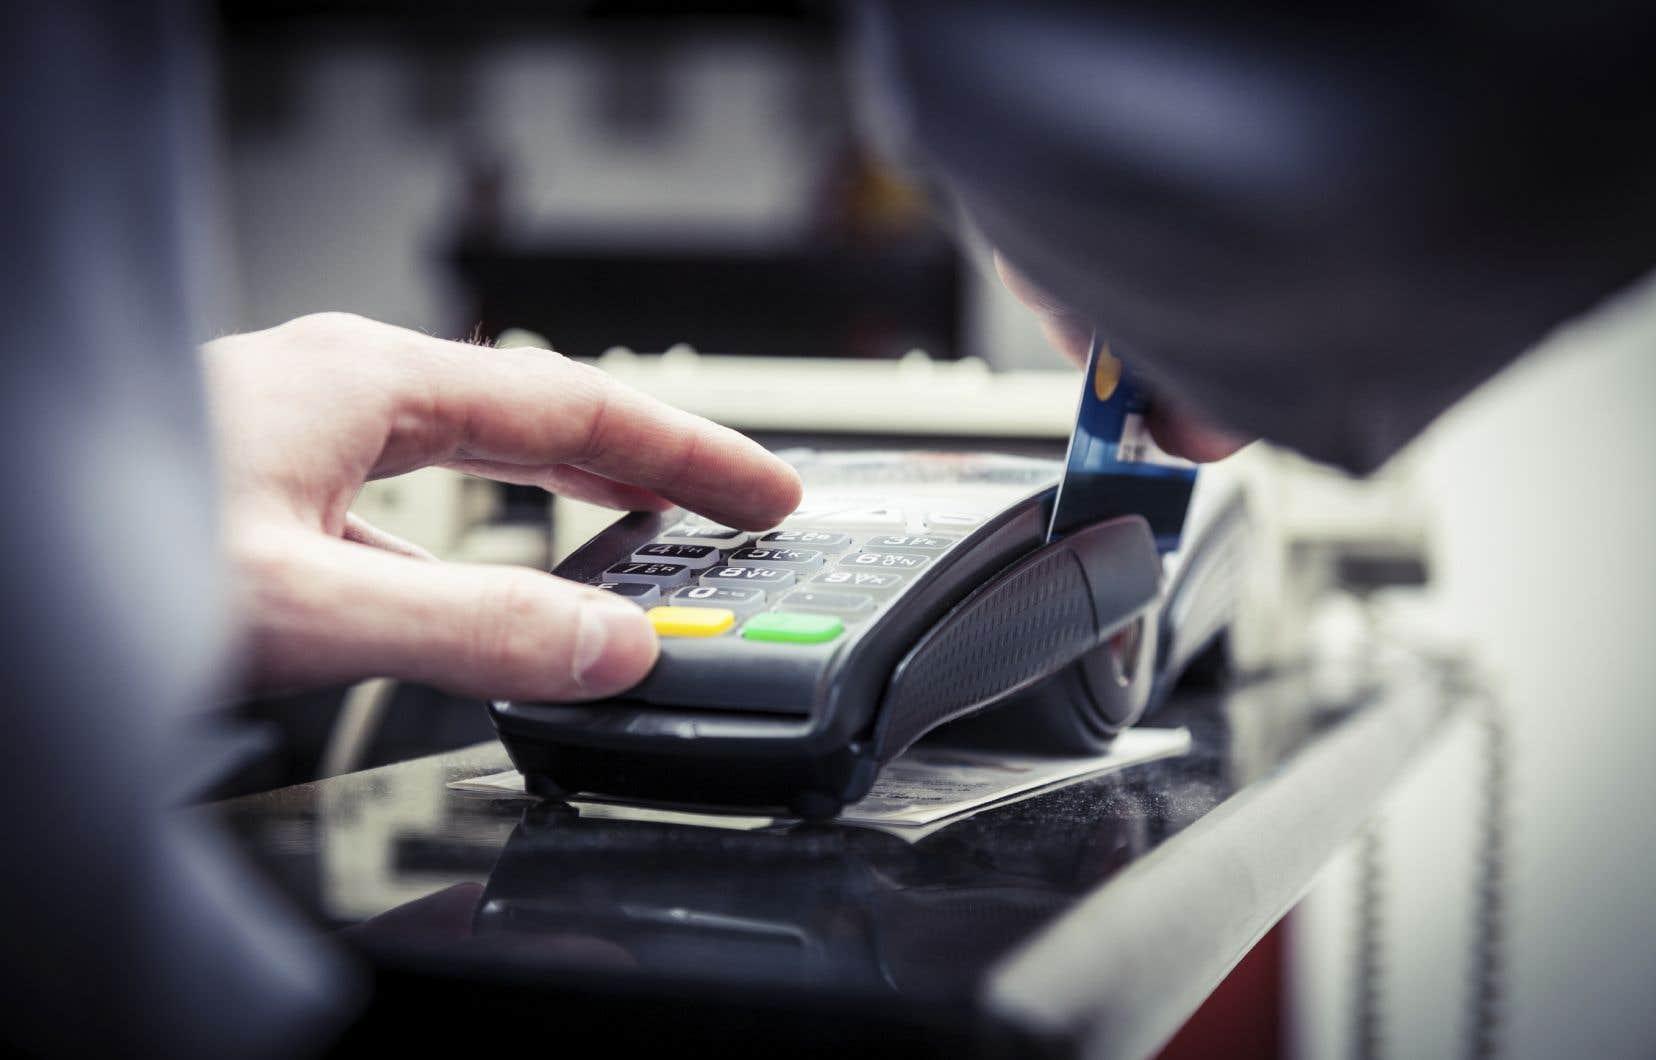 L'Union des consommateurs estime que les détenteurs de cartes de crédit seront gagnants en définitive, puisque le paiement de leur dette se fera plus rapidement.